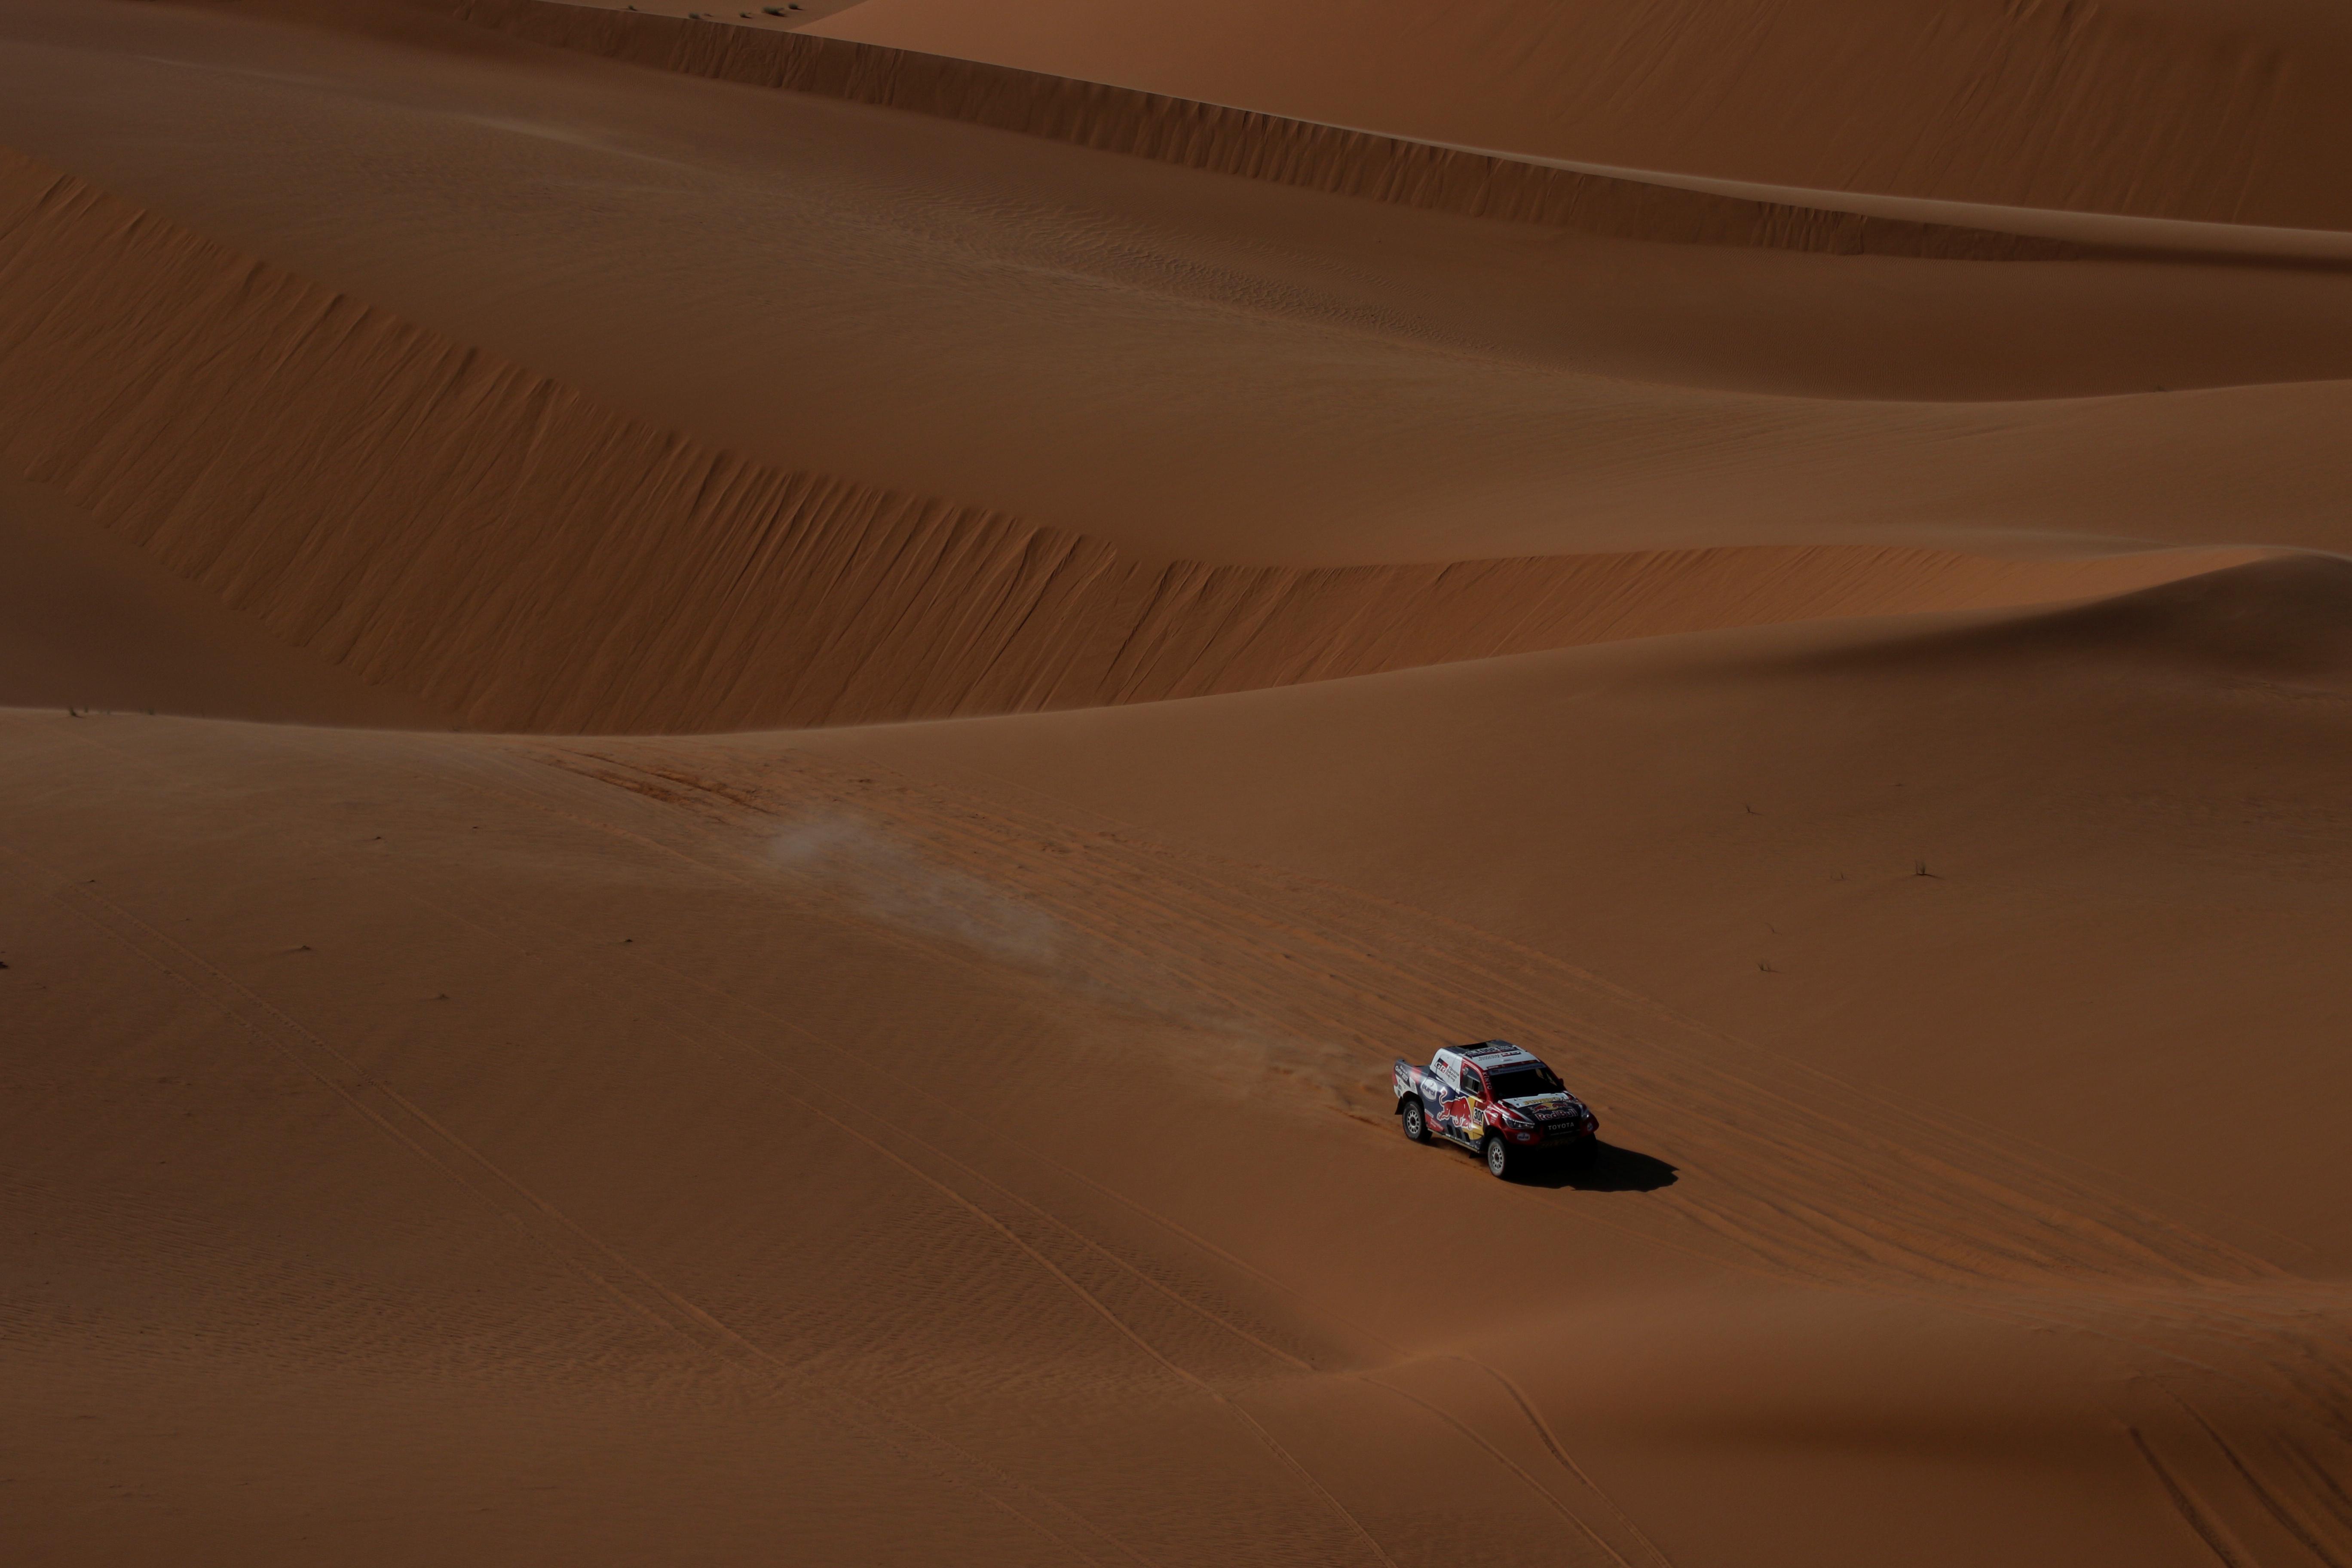 Sainz reforzó su liderato en la general, a dos jornadas del final, después de que el martes el catarí Nasser Al-Attiyah (Toyota) se hubiera colocado a solo 24 segundos